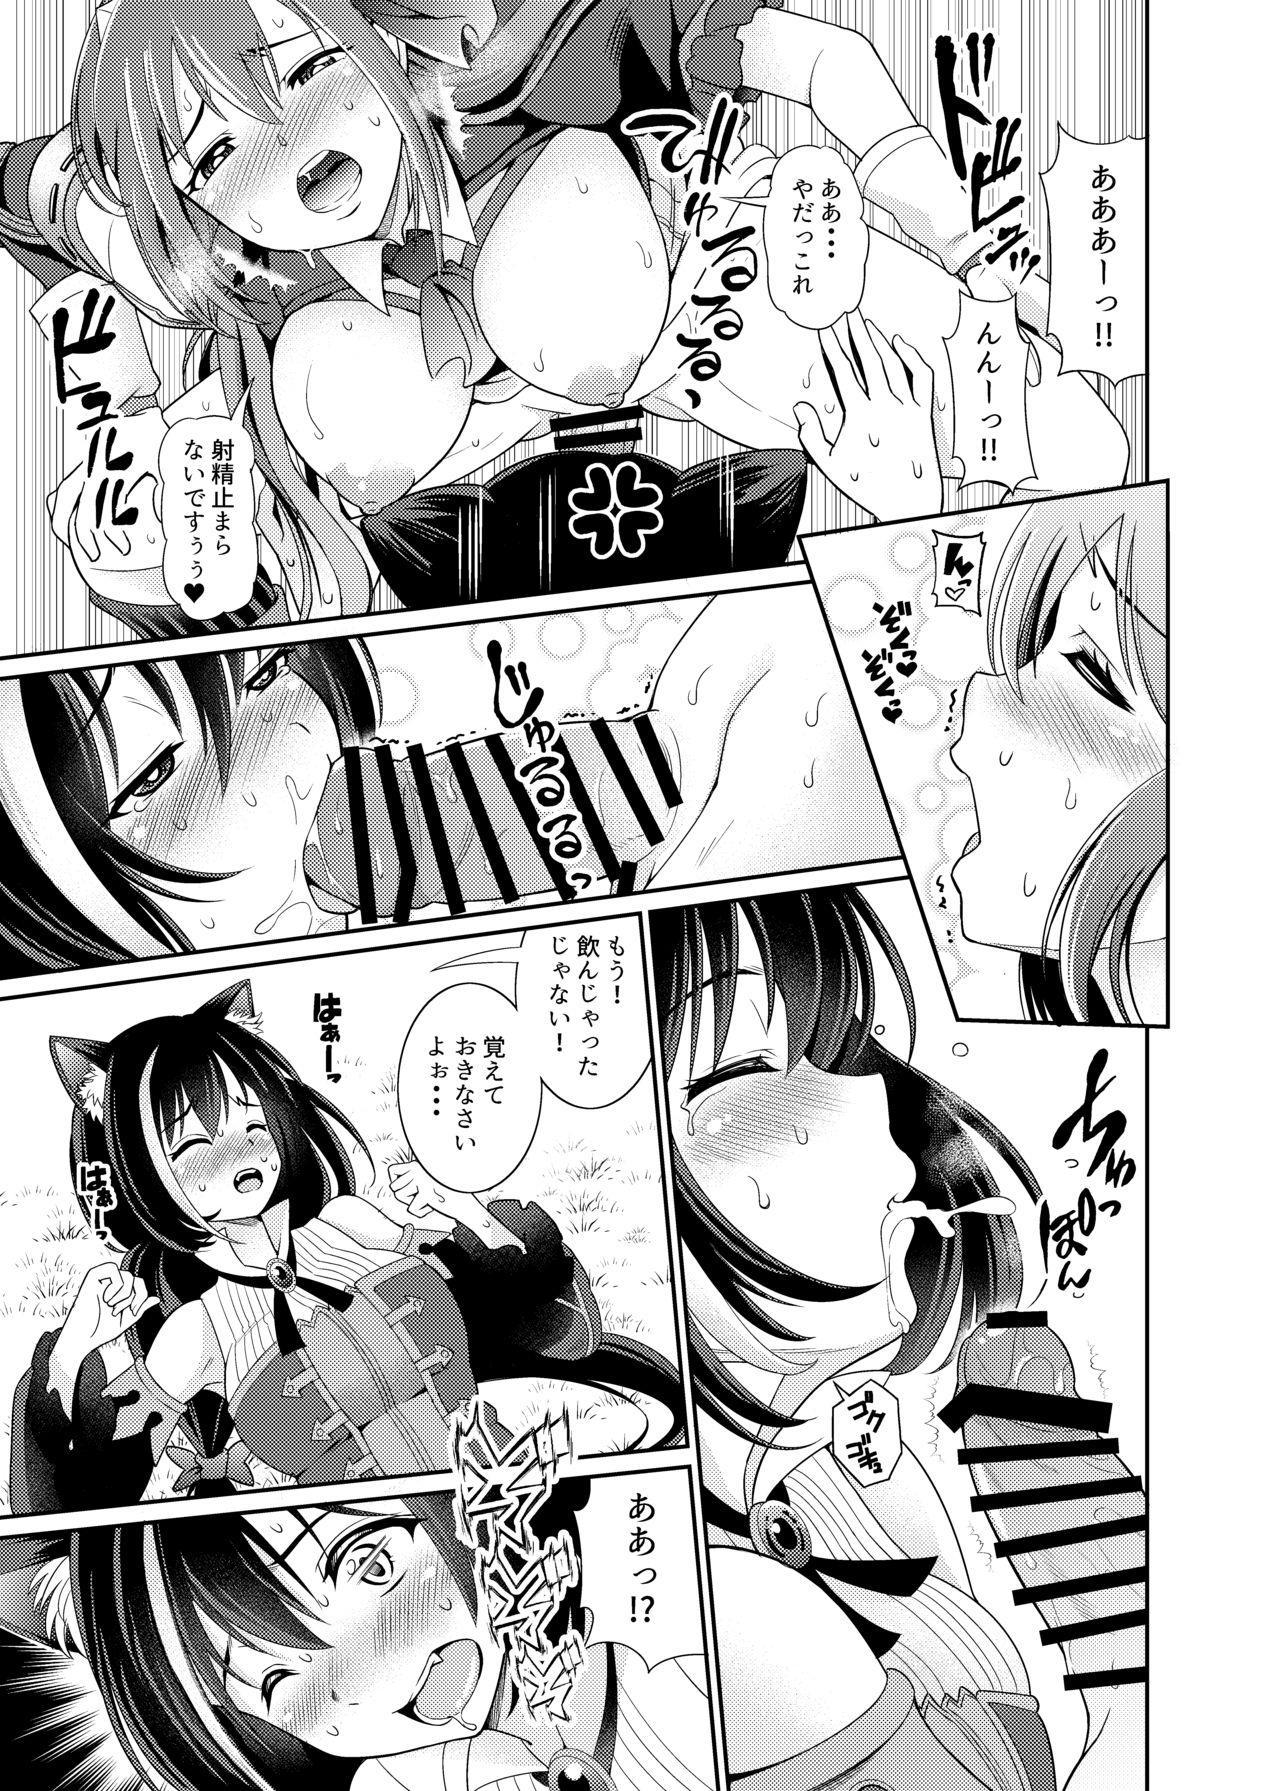 Mamono nante Taberu kara... Ochinchin ga Haechau no yo!! 8